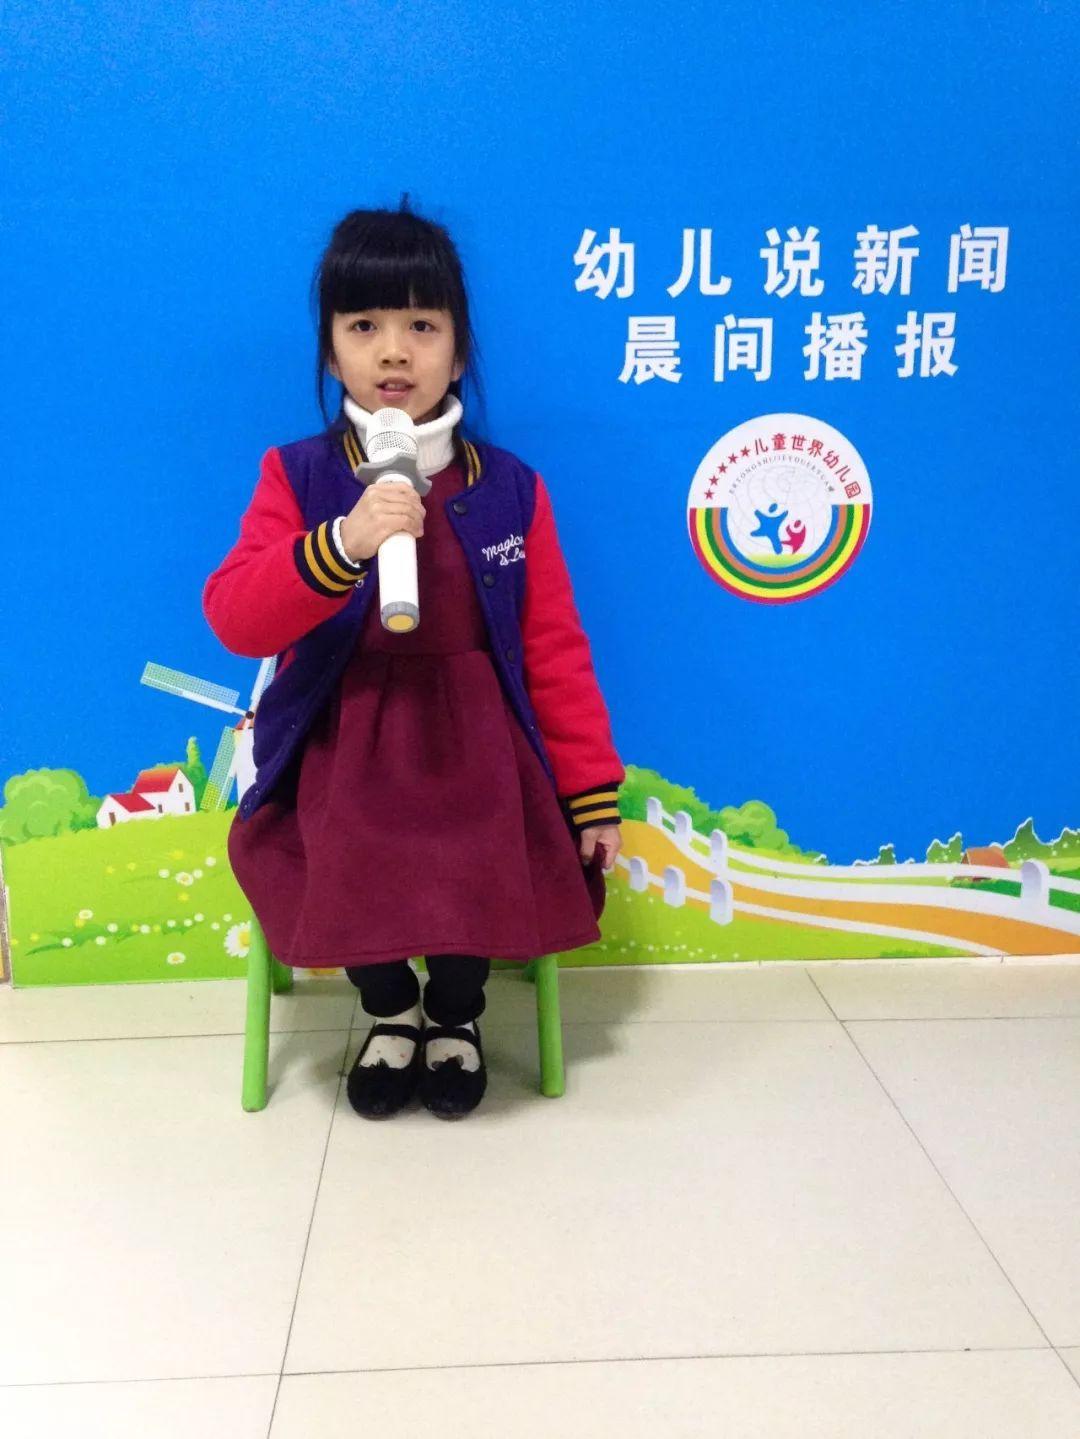 儿童世界幼儿园||【晨间播报】——天天拥有好心情